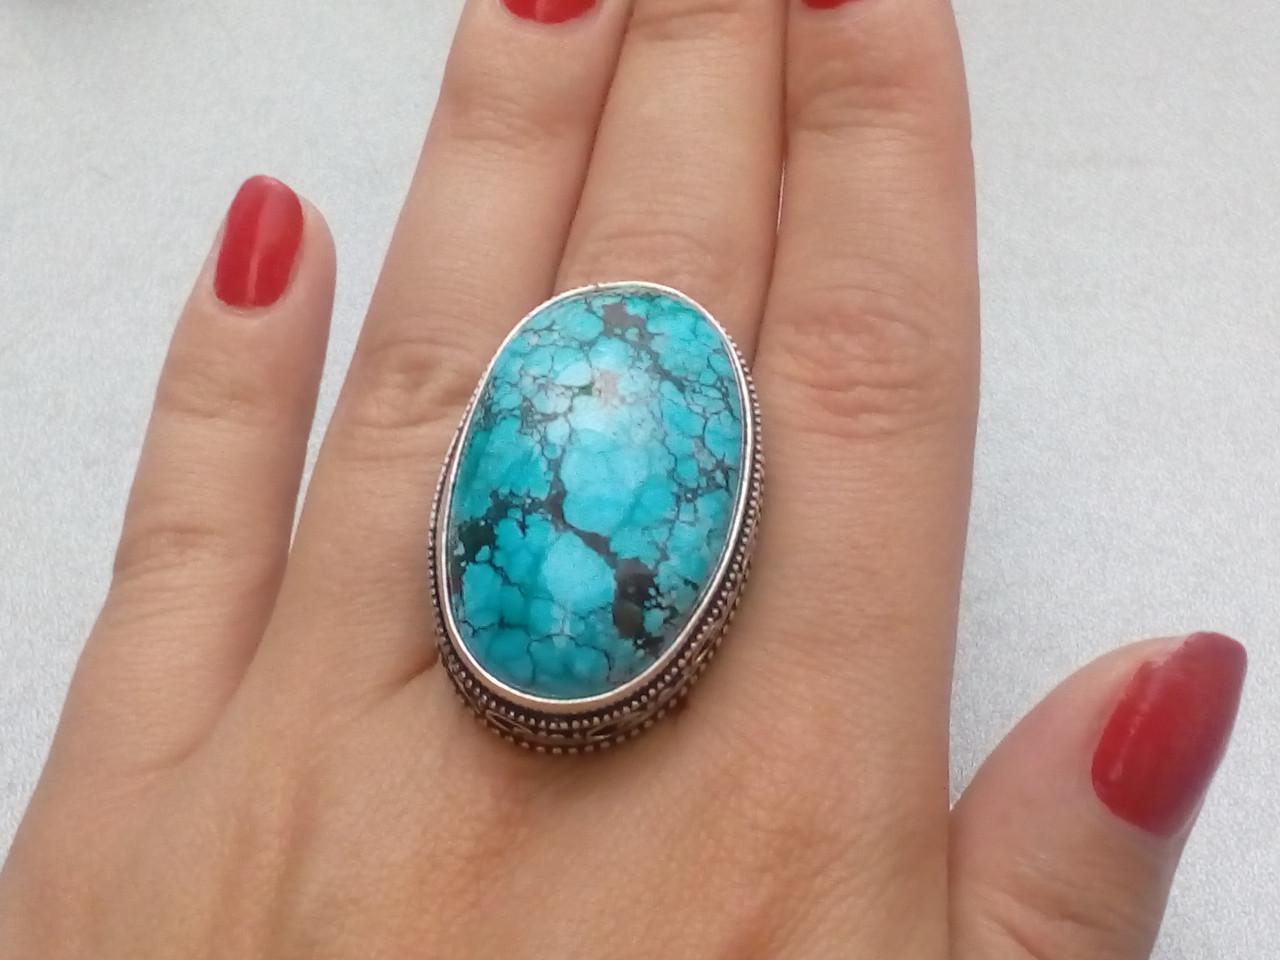 Бирюза кольцо с бирюзой 18 размер, натуральная бирюза в серебре